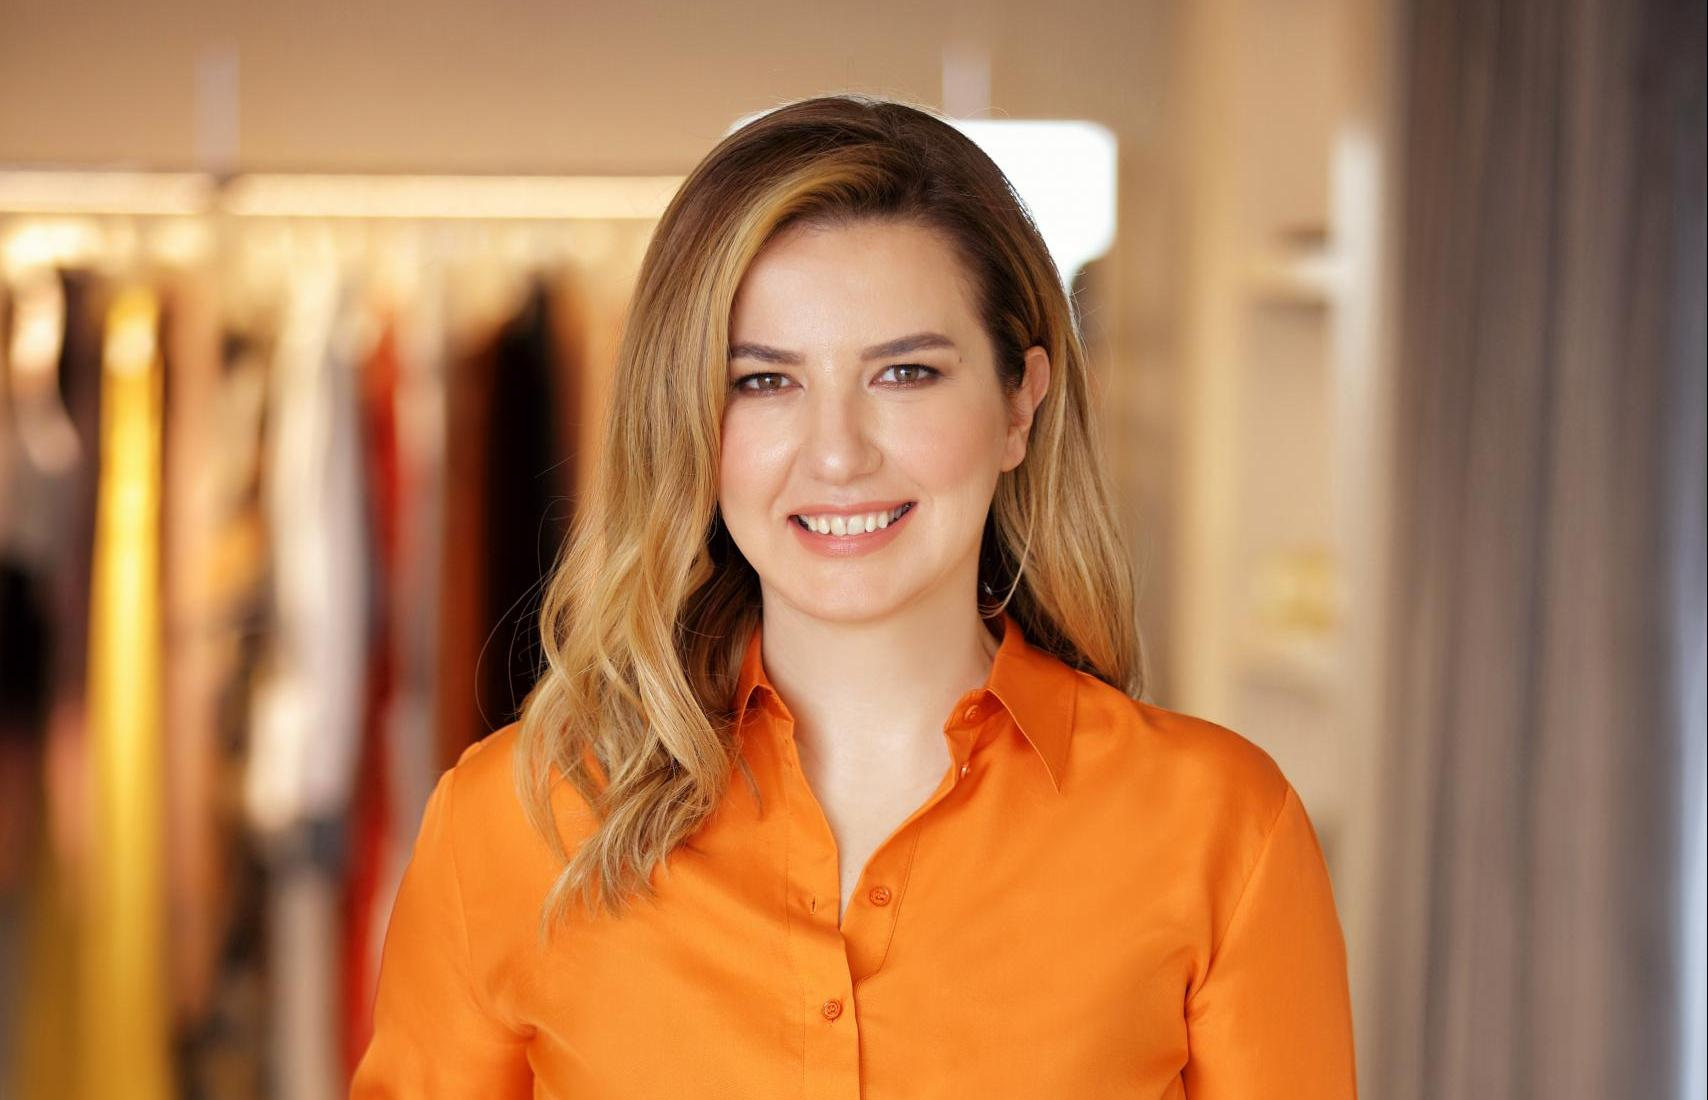 H&M İSTANBUL'DAKi EN YENİ MAĞAZA TASARIM KONSEPTİ İLE AKASYA AVM'DE AÇILDI